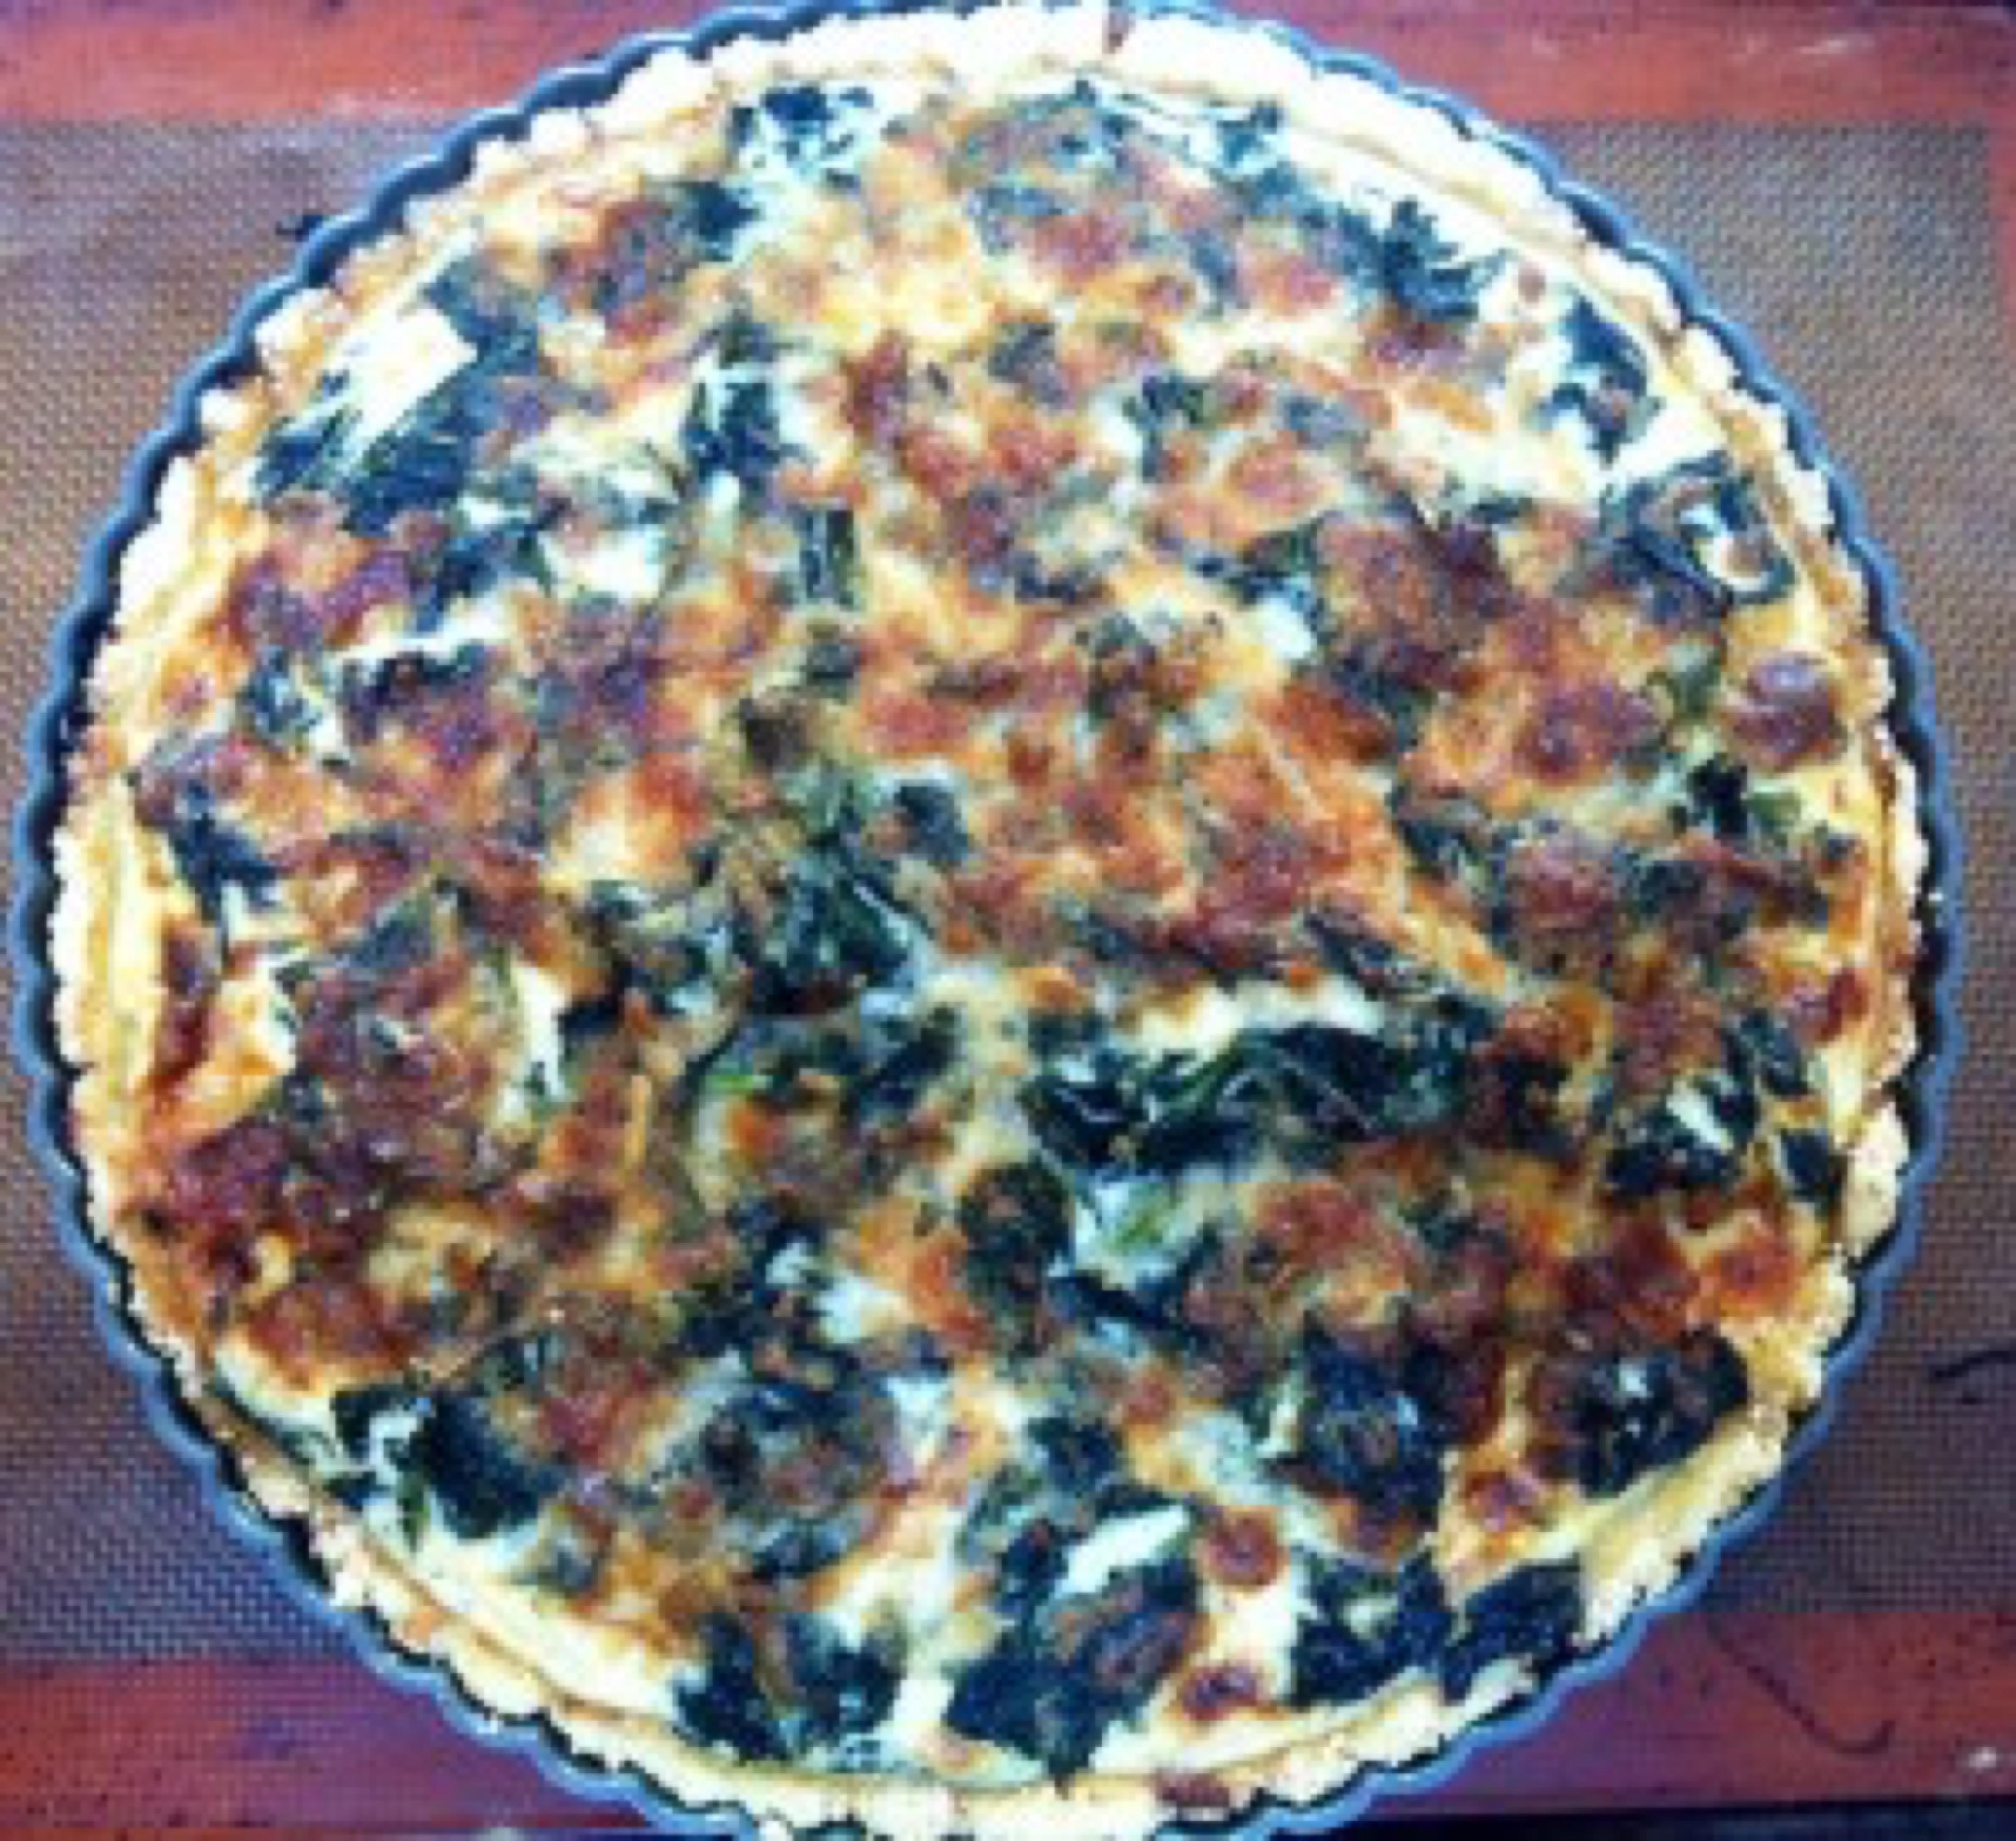 Rachel's pie